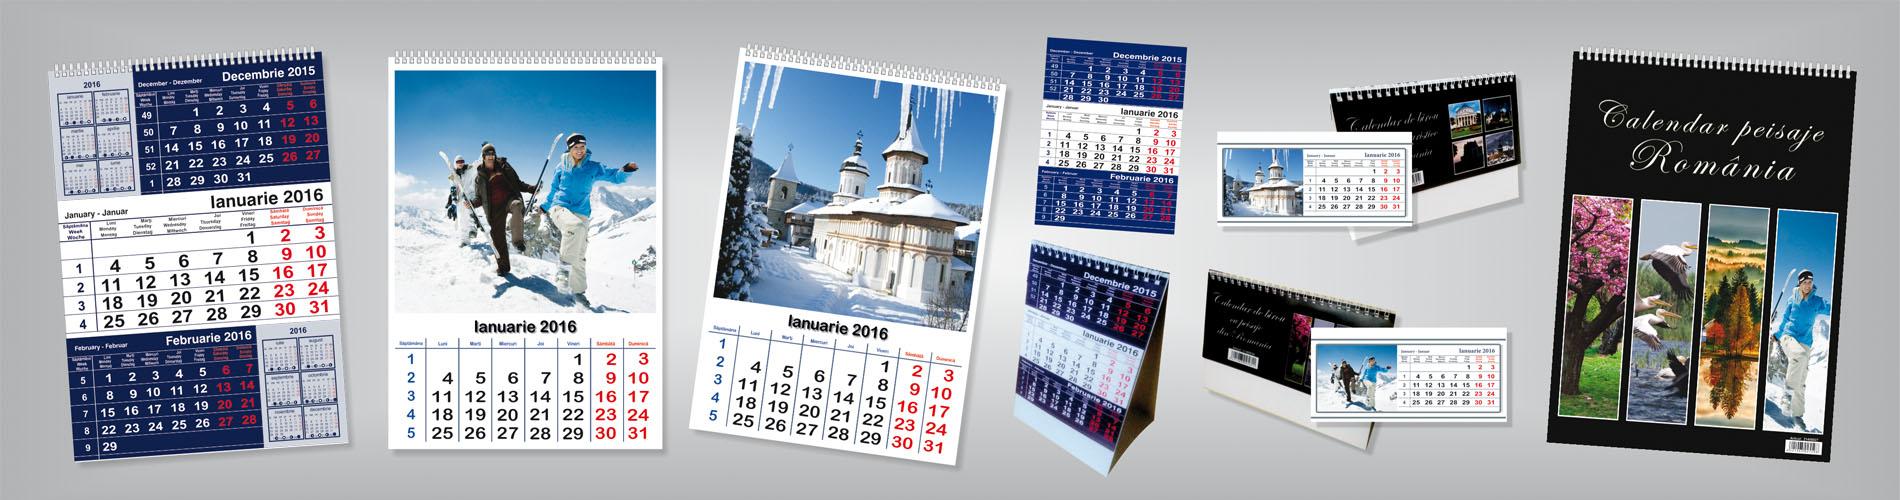 Calendare 2016